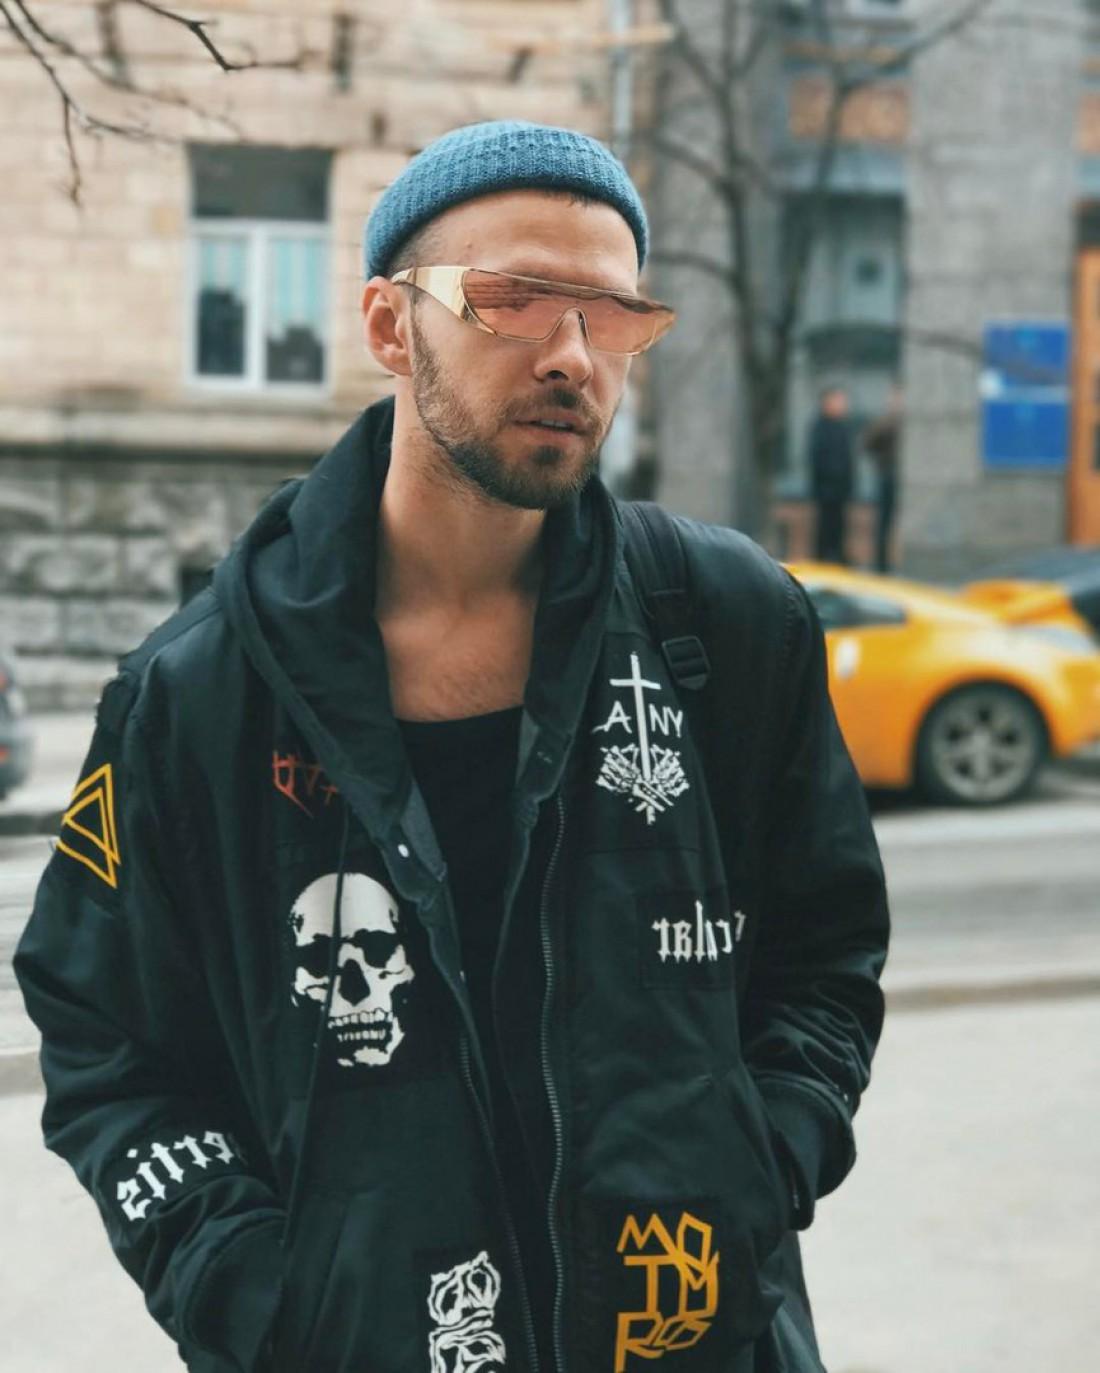 Макс Барских посетил шоу Вечерний Ургант